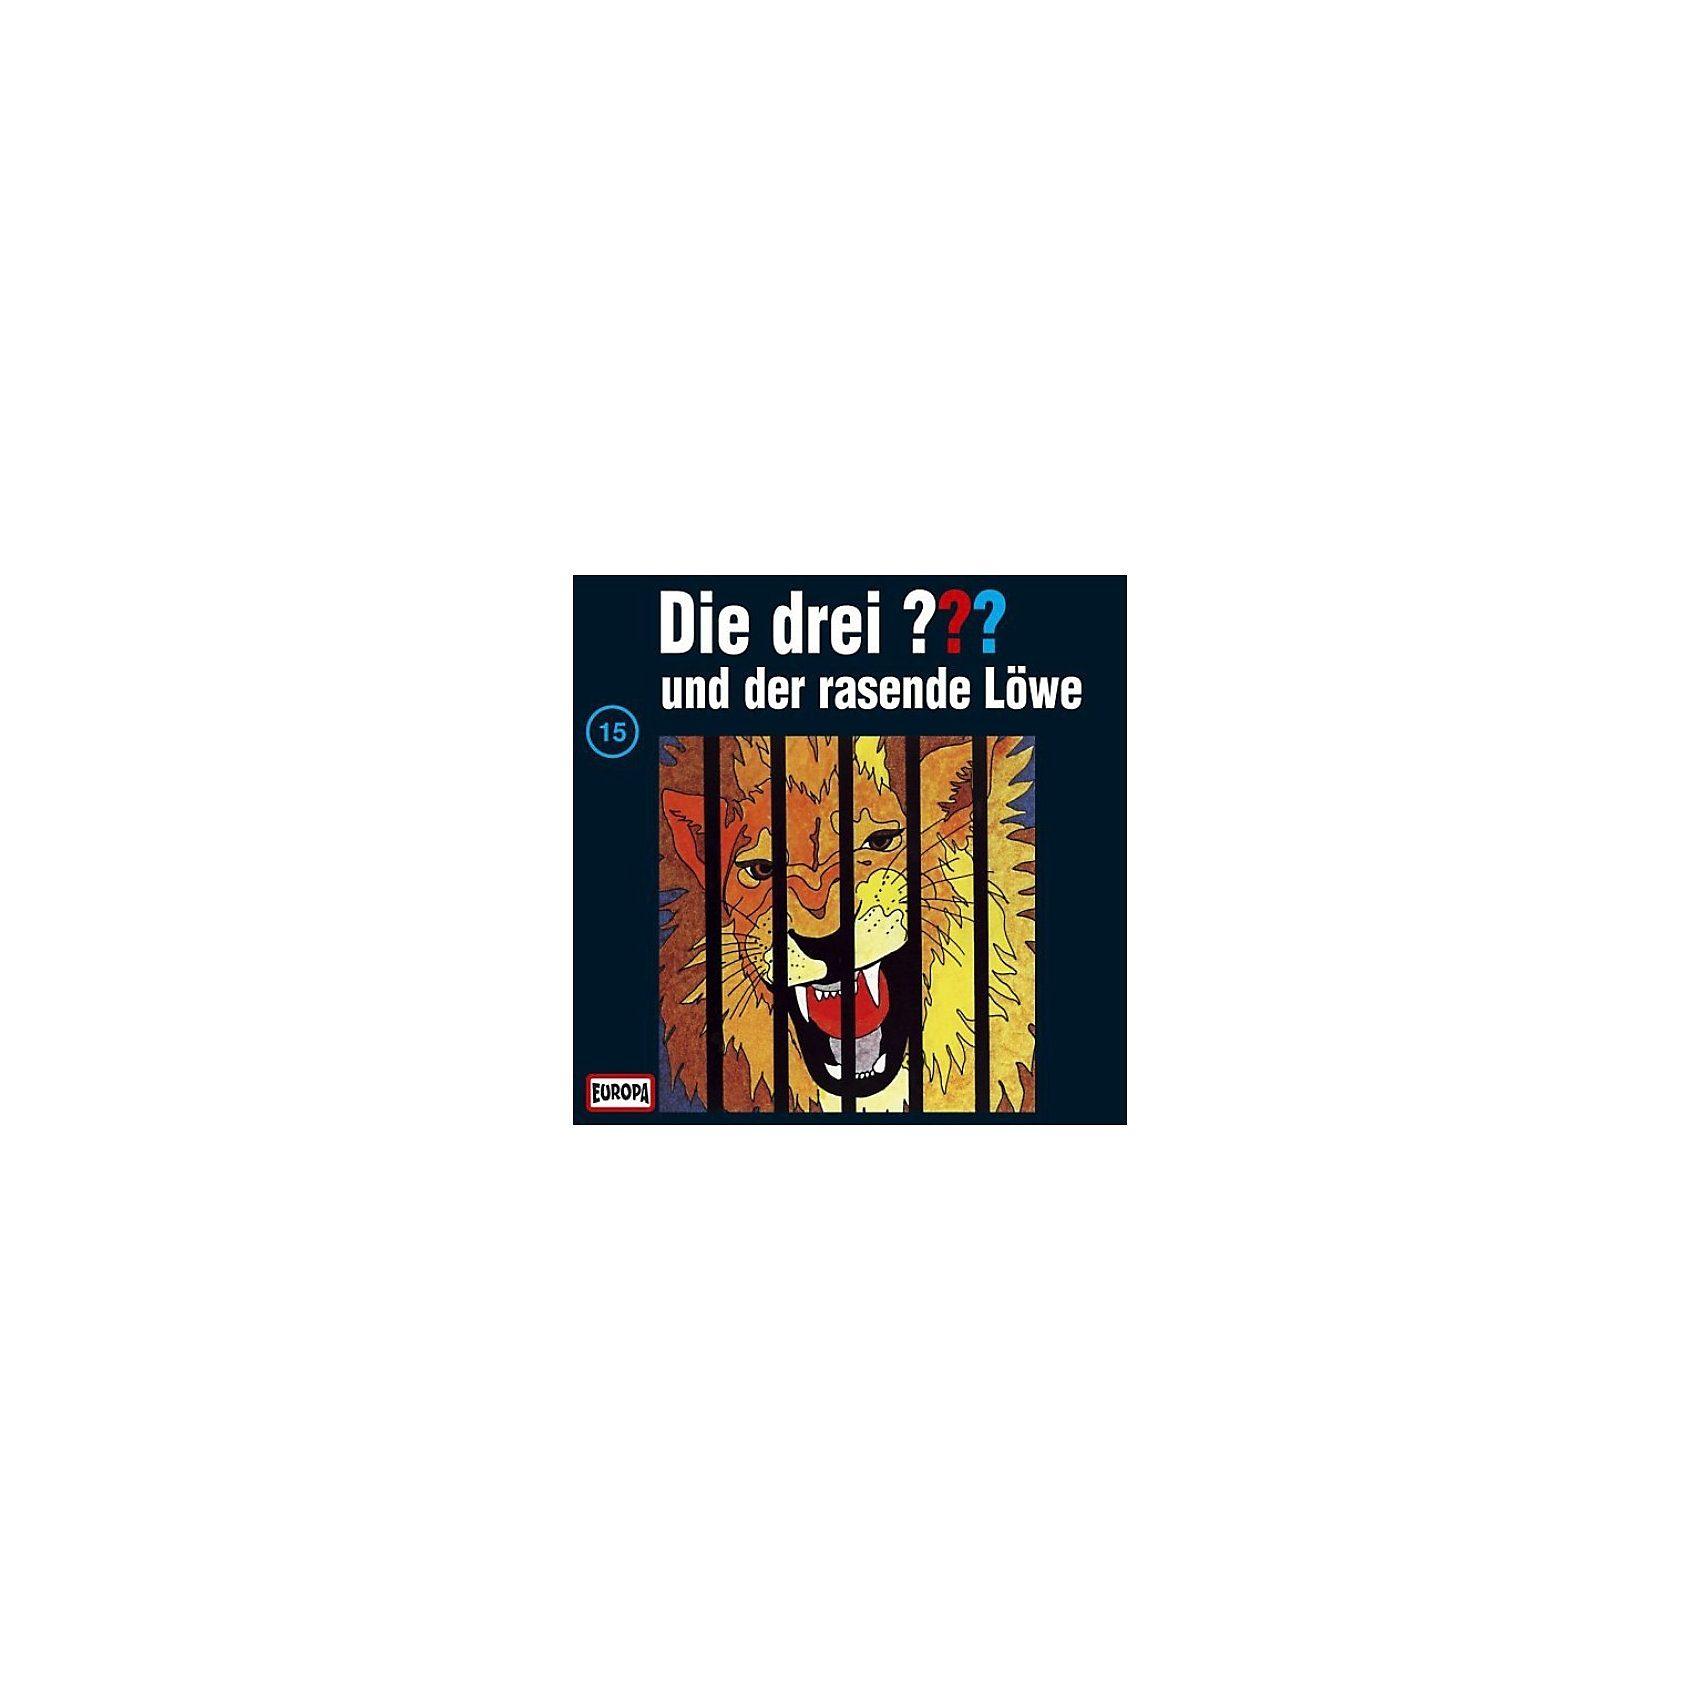 Sony CD Die Drei ??? 015 - und der rasende Löwe